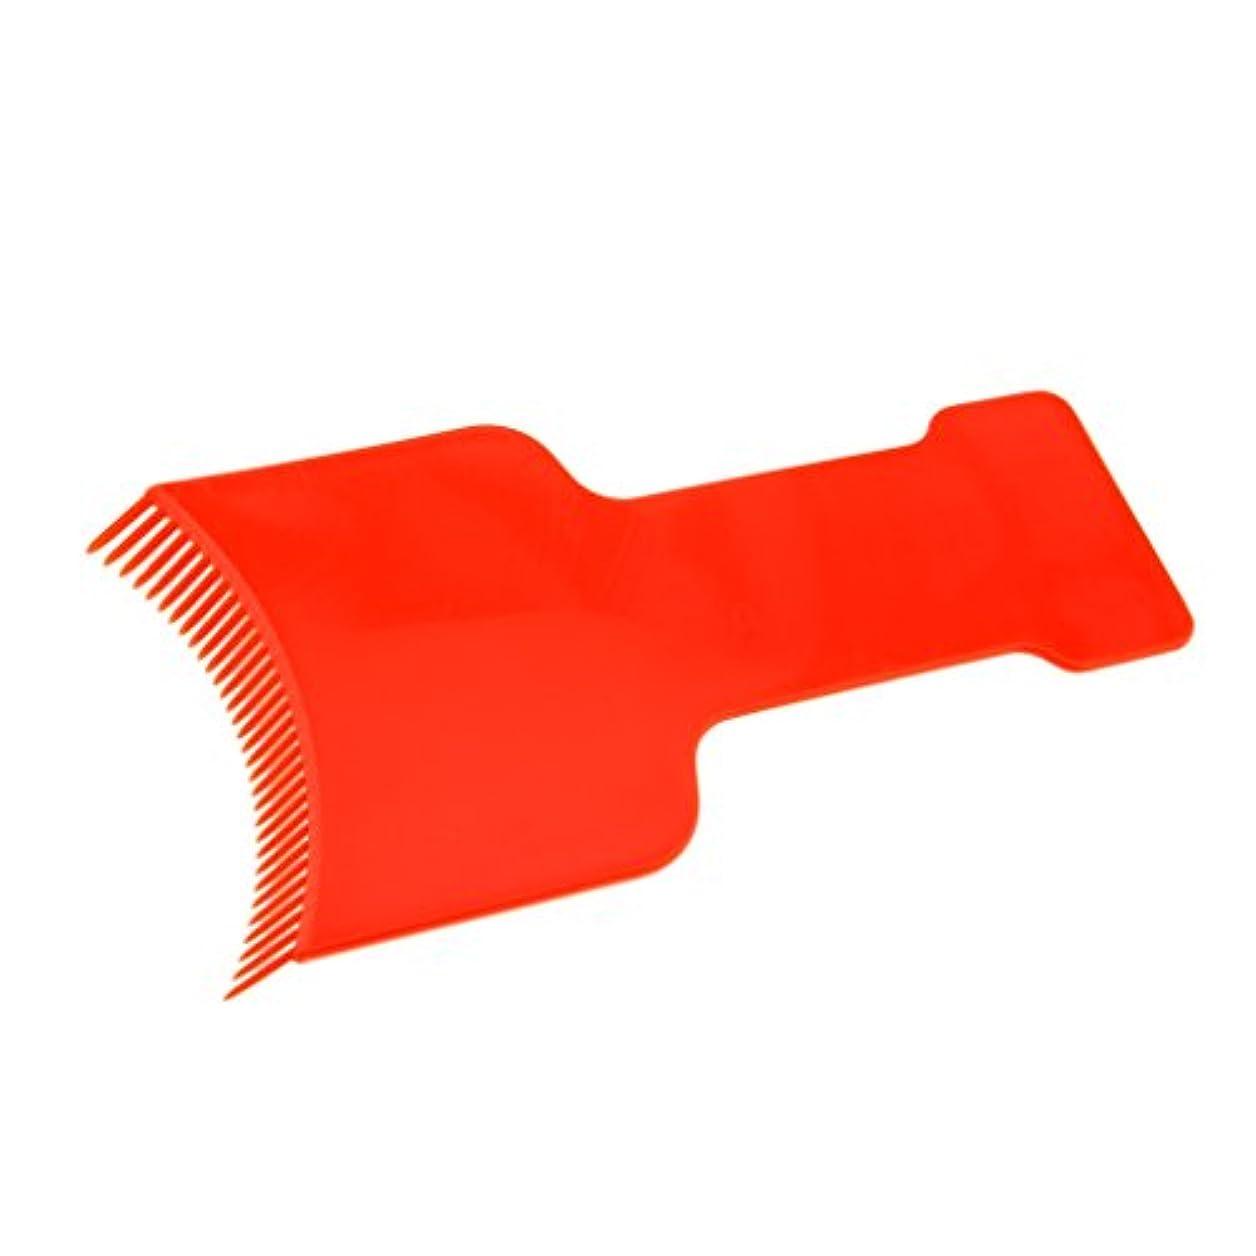 ジレンマヨーロッパ機関Perfeclan ヘアダイコーム ヘアダイブラシ 染色ボード 理髪店 美容院 アクセサリー 便利